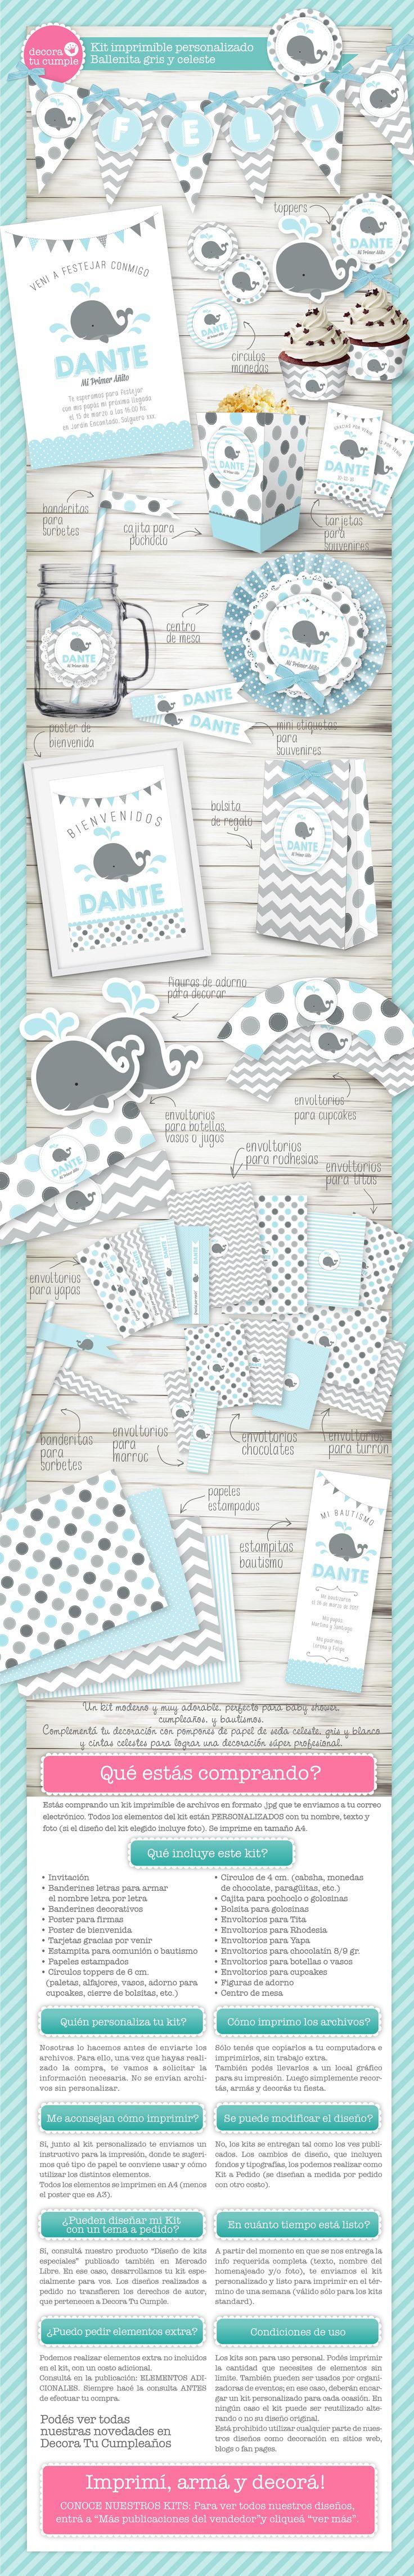 Kit imprimible digital personalizado. Invitación digital, Ballena celeste y gris, náutico. Baby shower, bautizo, bautismo y cumpleaños. Primer Añito. Printable party kit. Whale. Nautical. https://www.facebook.com/DecoraTuCumpleanos/